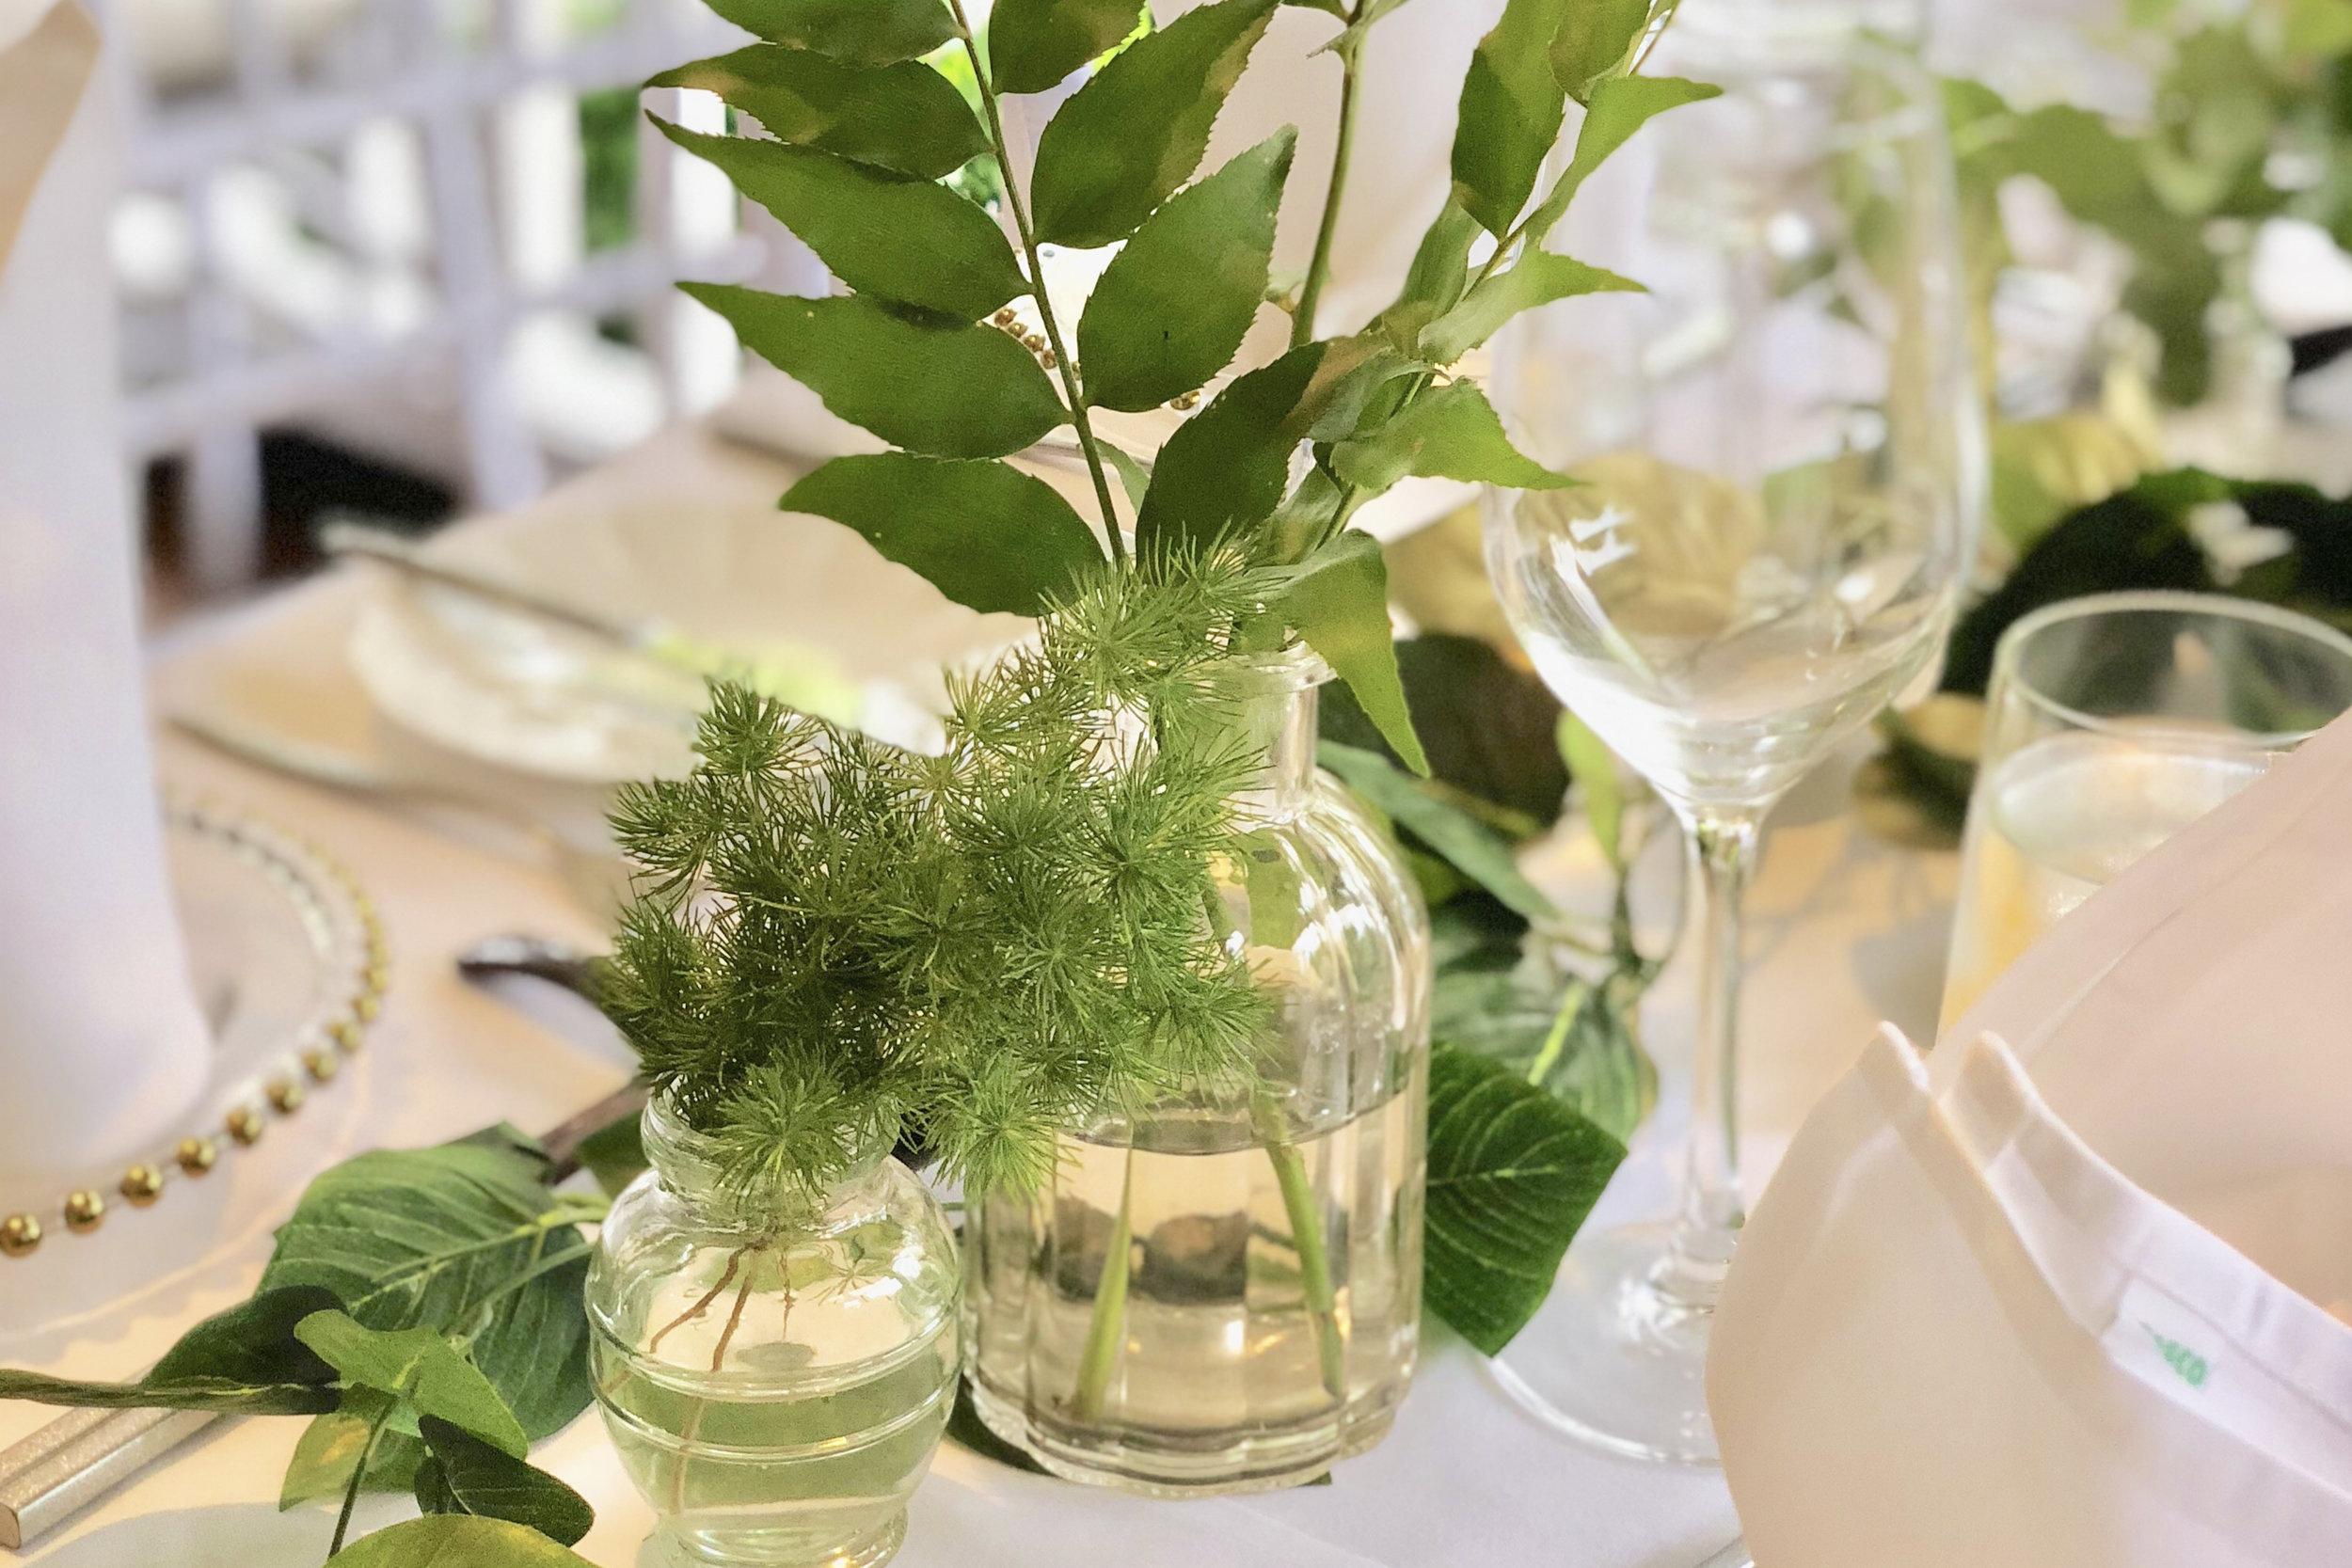 BOTANICAlfoliage -